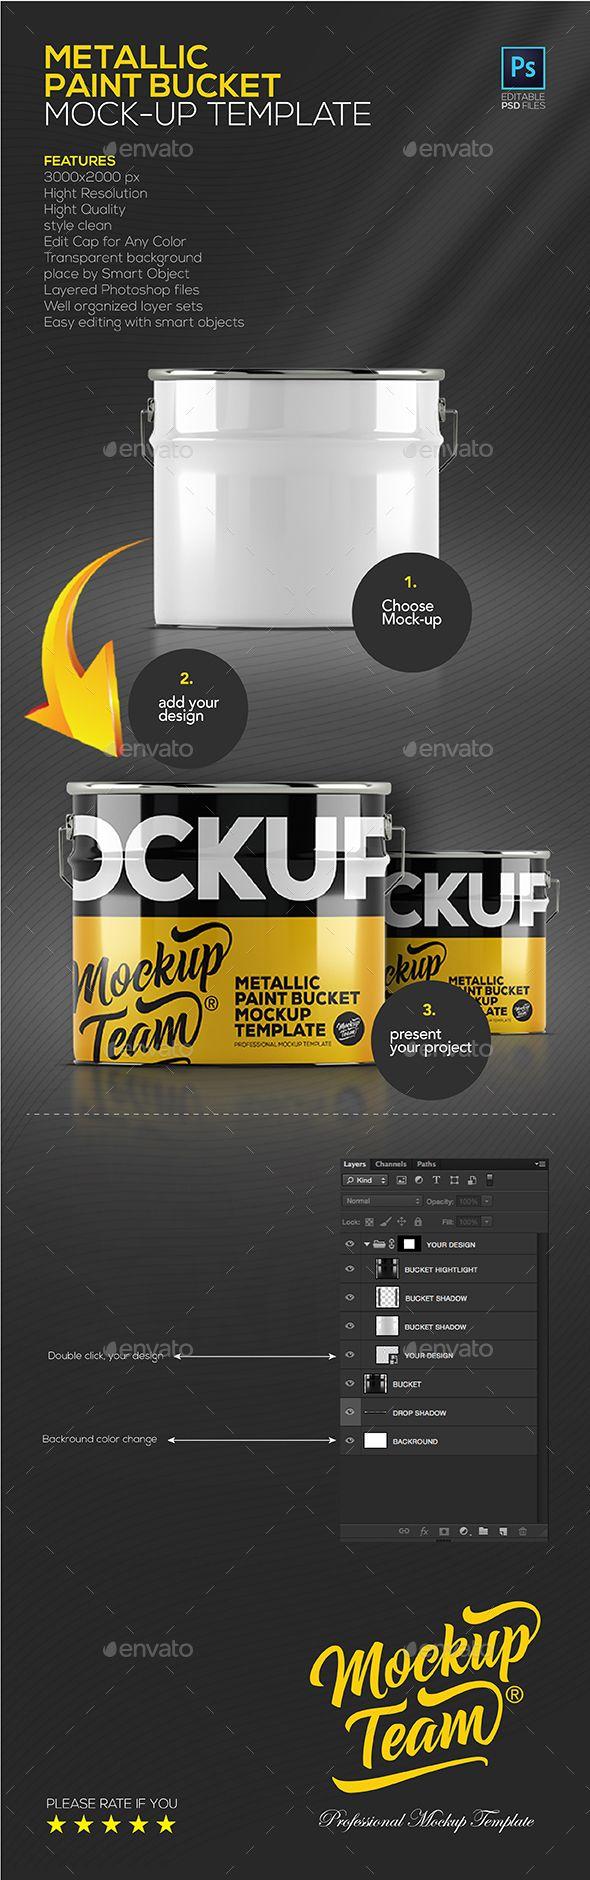 Metallic Paint Bucket Mock-up. Download here: https://graphicriver.net/item/metallic-paint-bucket-mockup-template/17210950?ref=ksioks